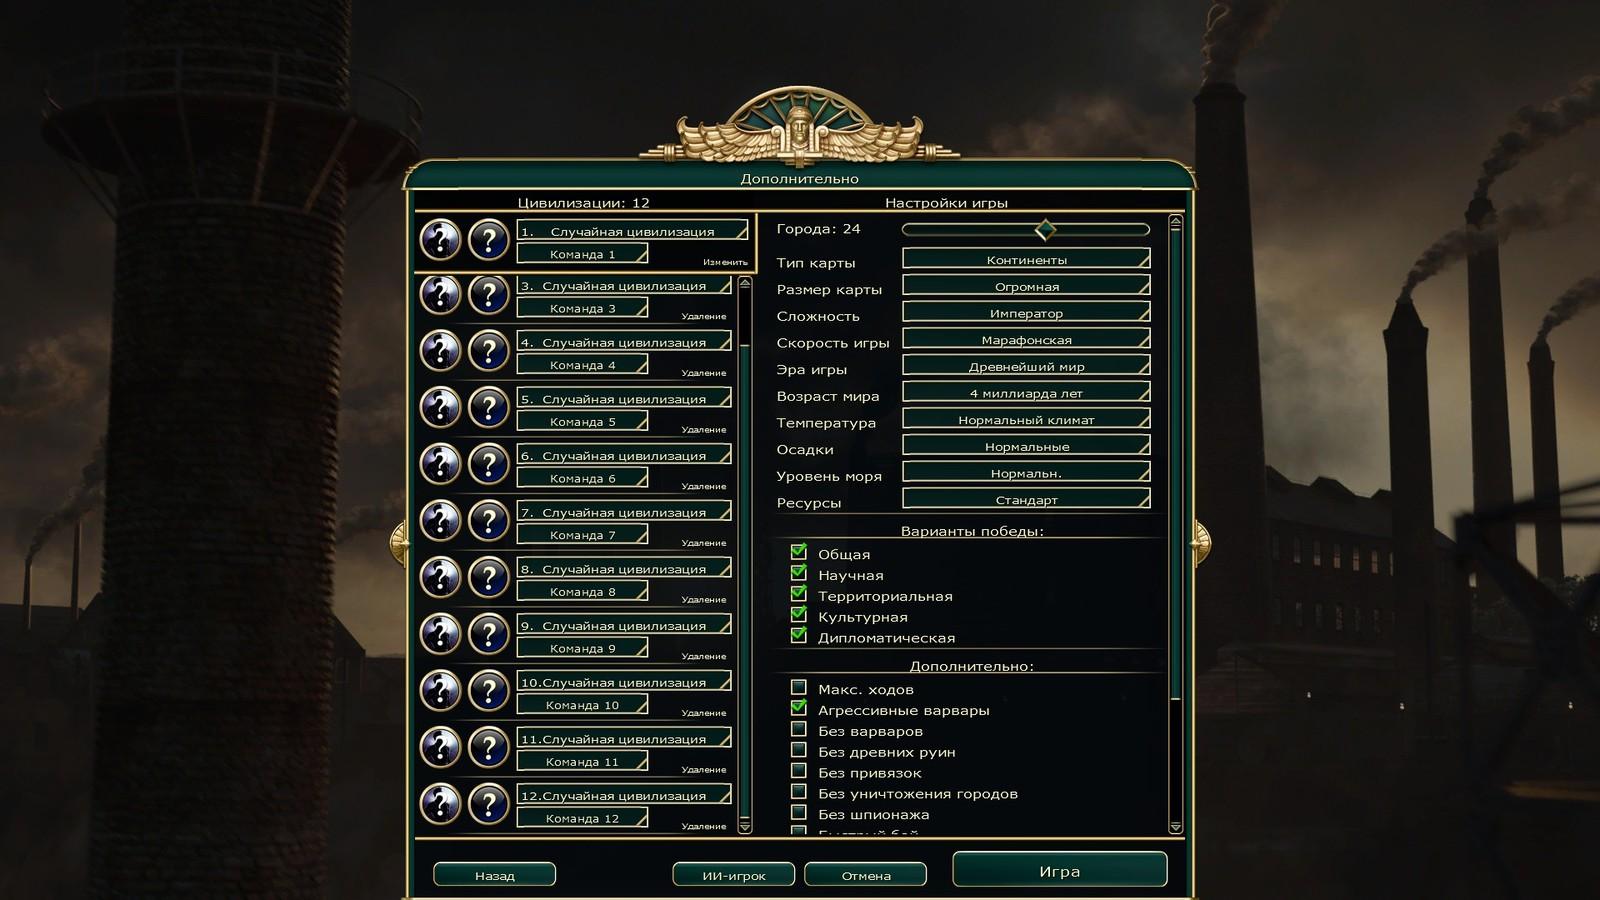 накрутка золота в онлайн игре генералы